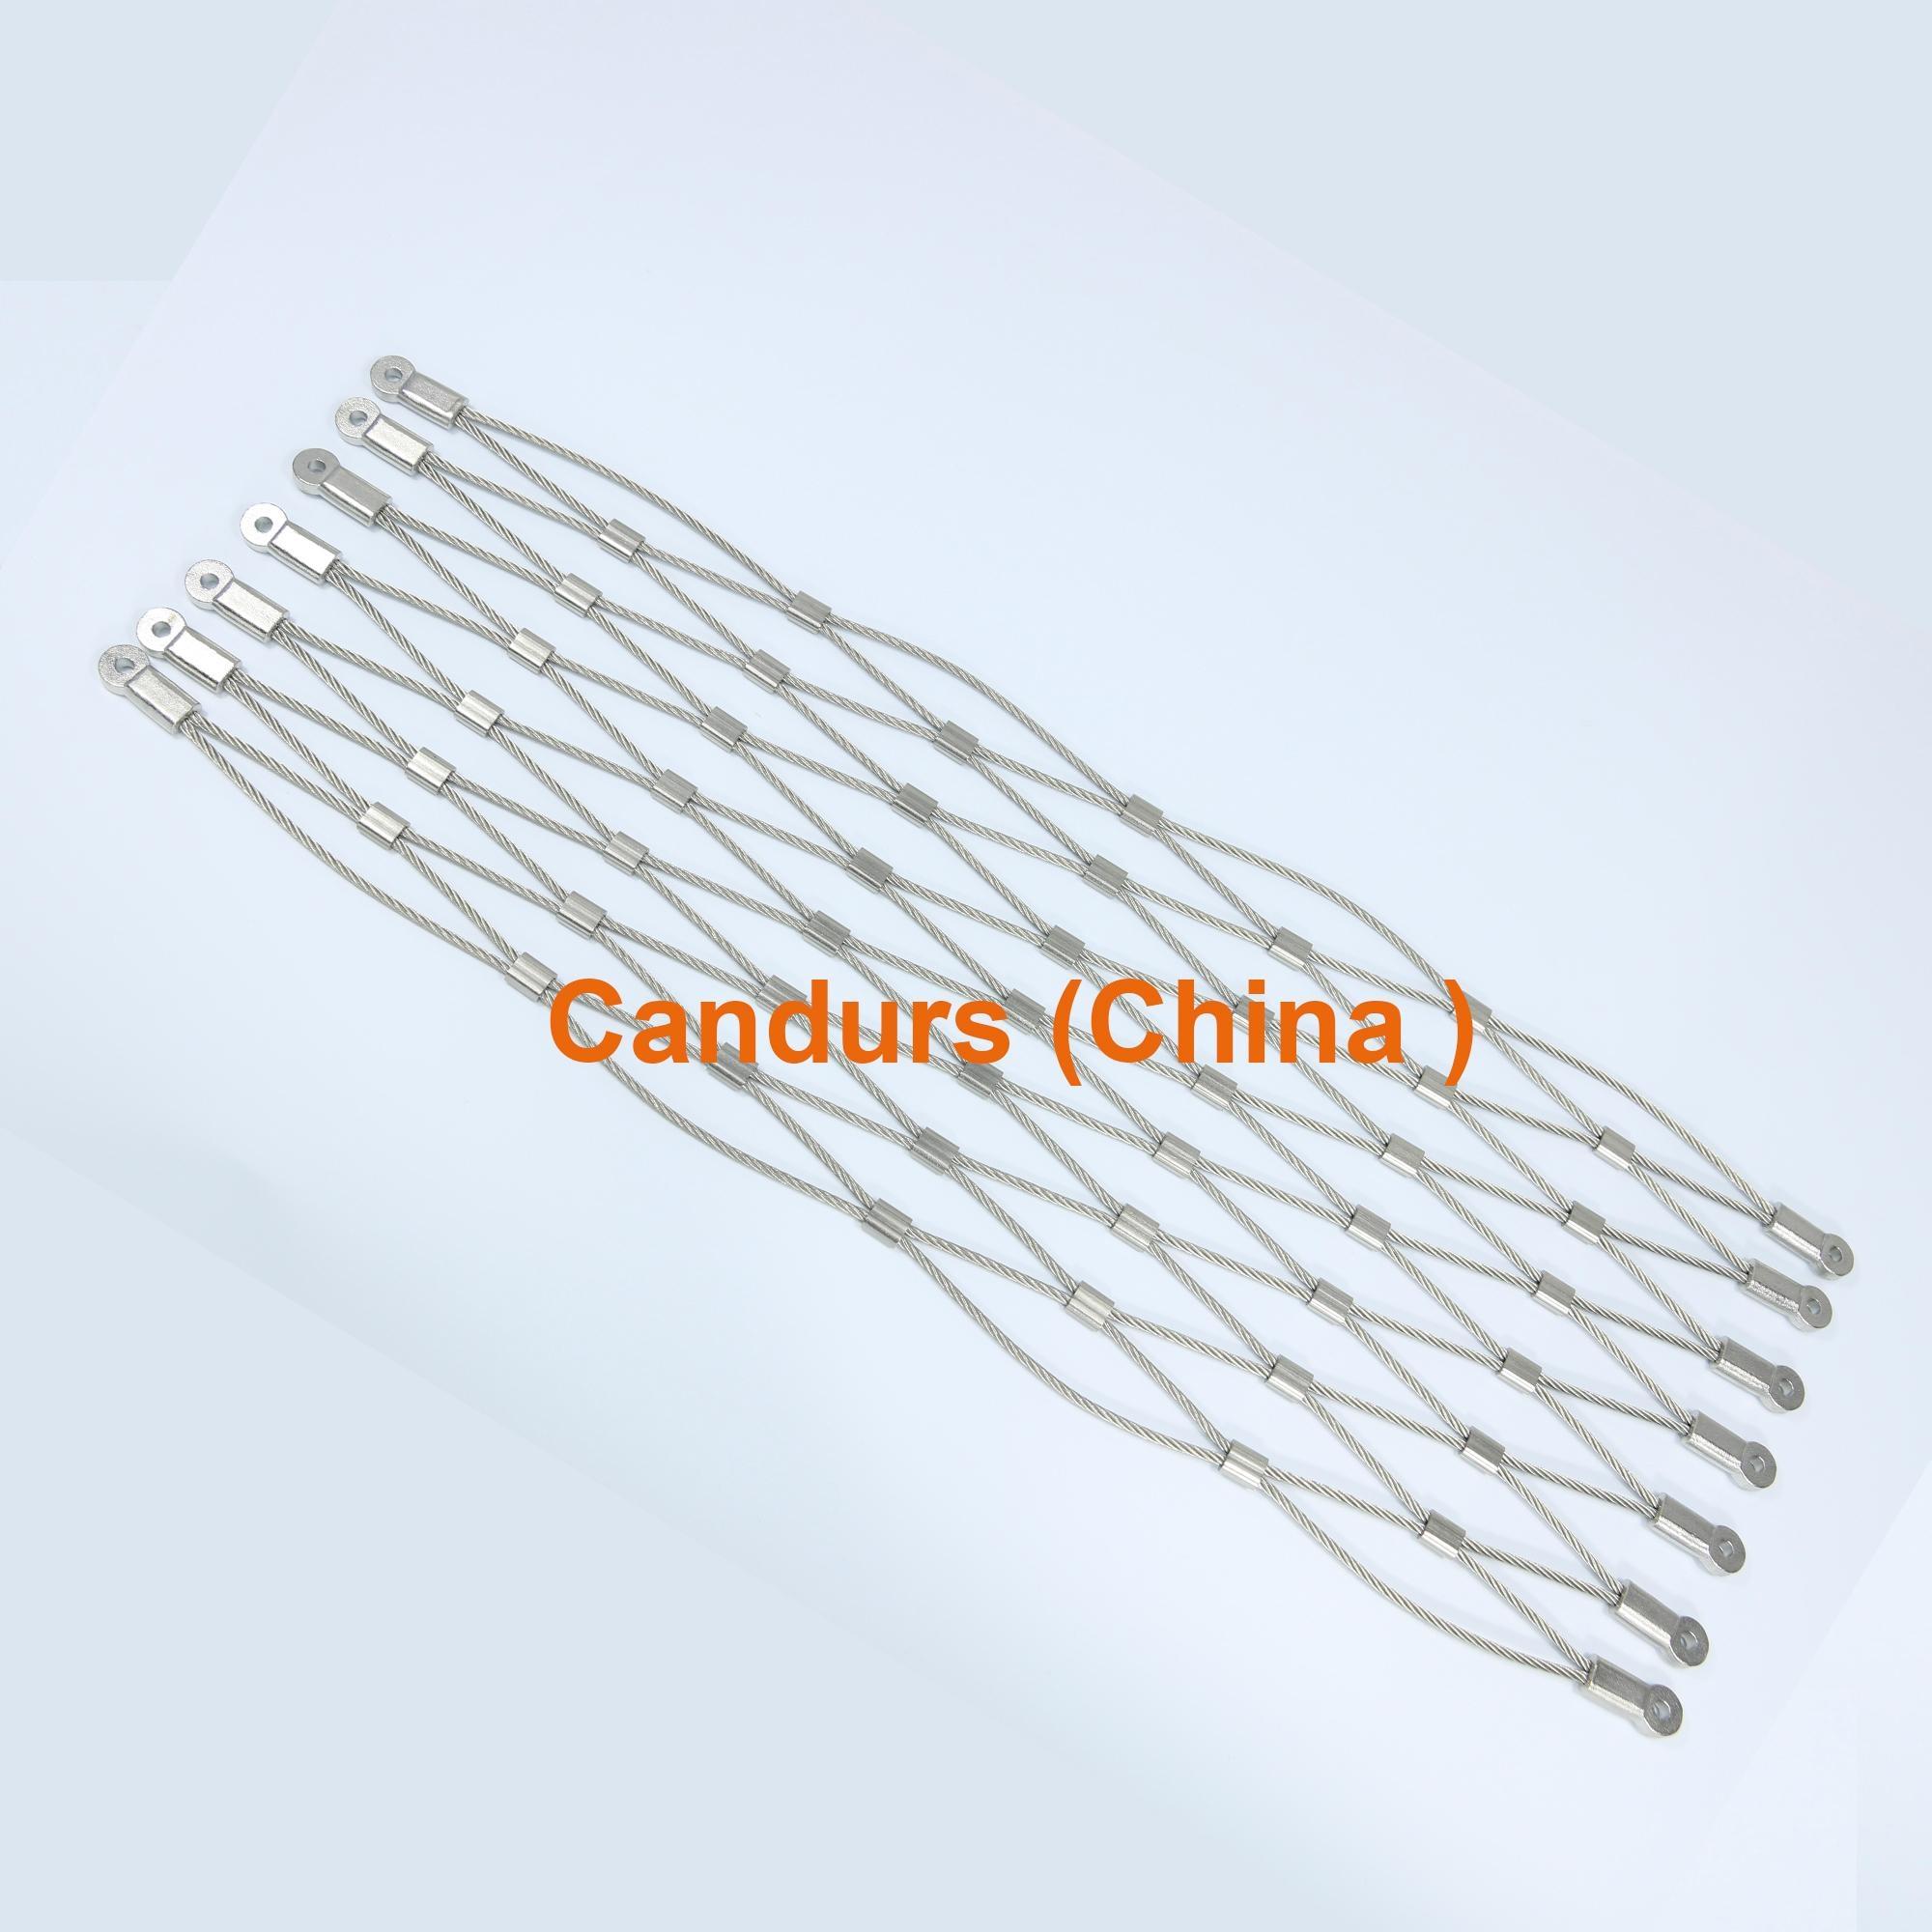 专业小孔径钢丝绳网 6